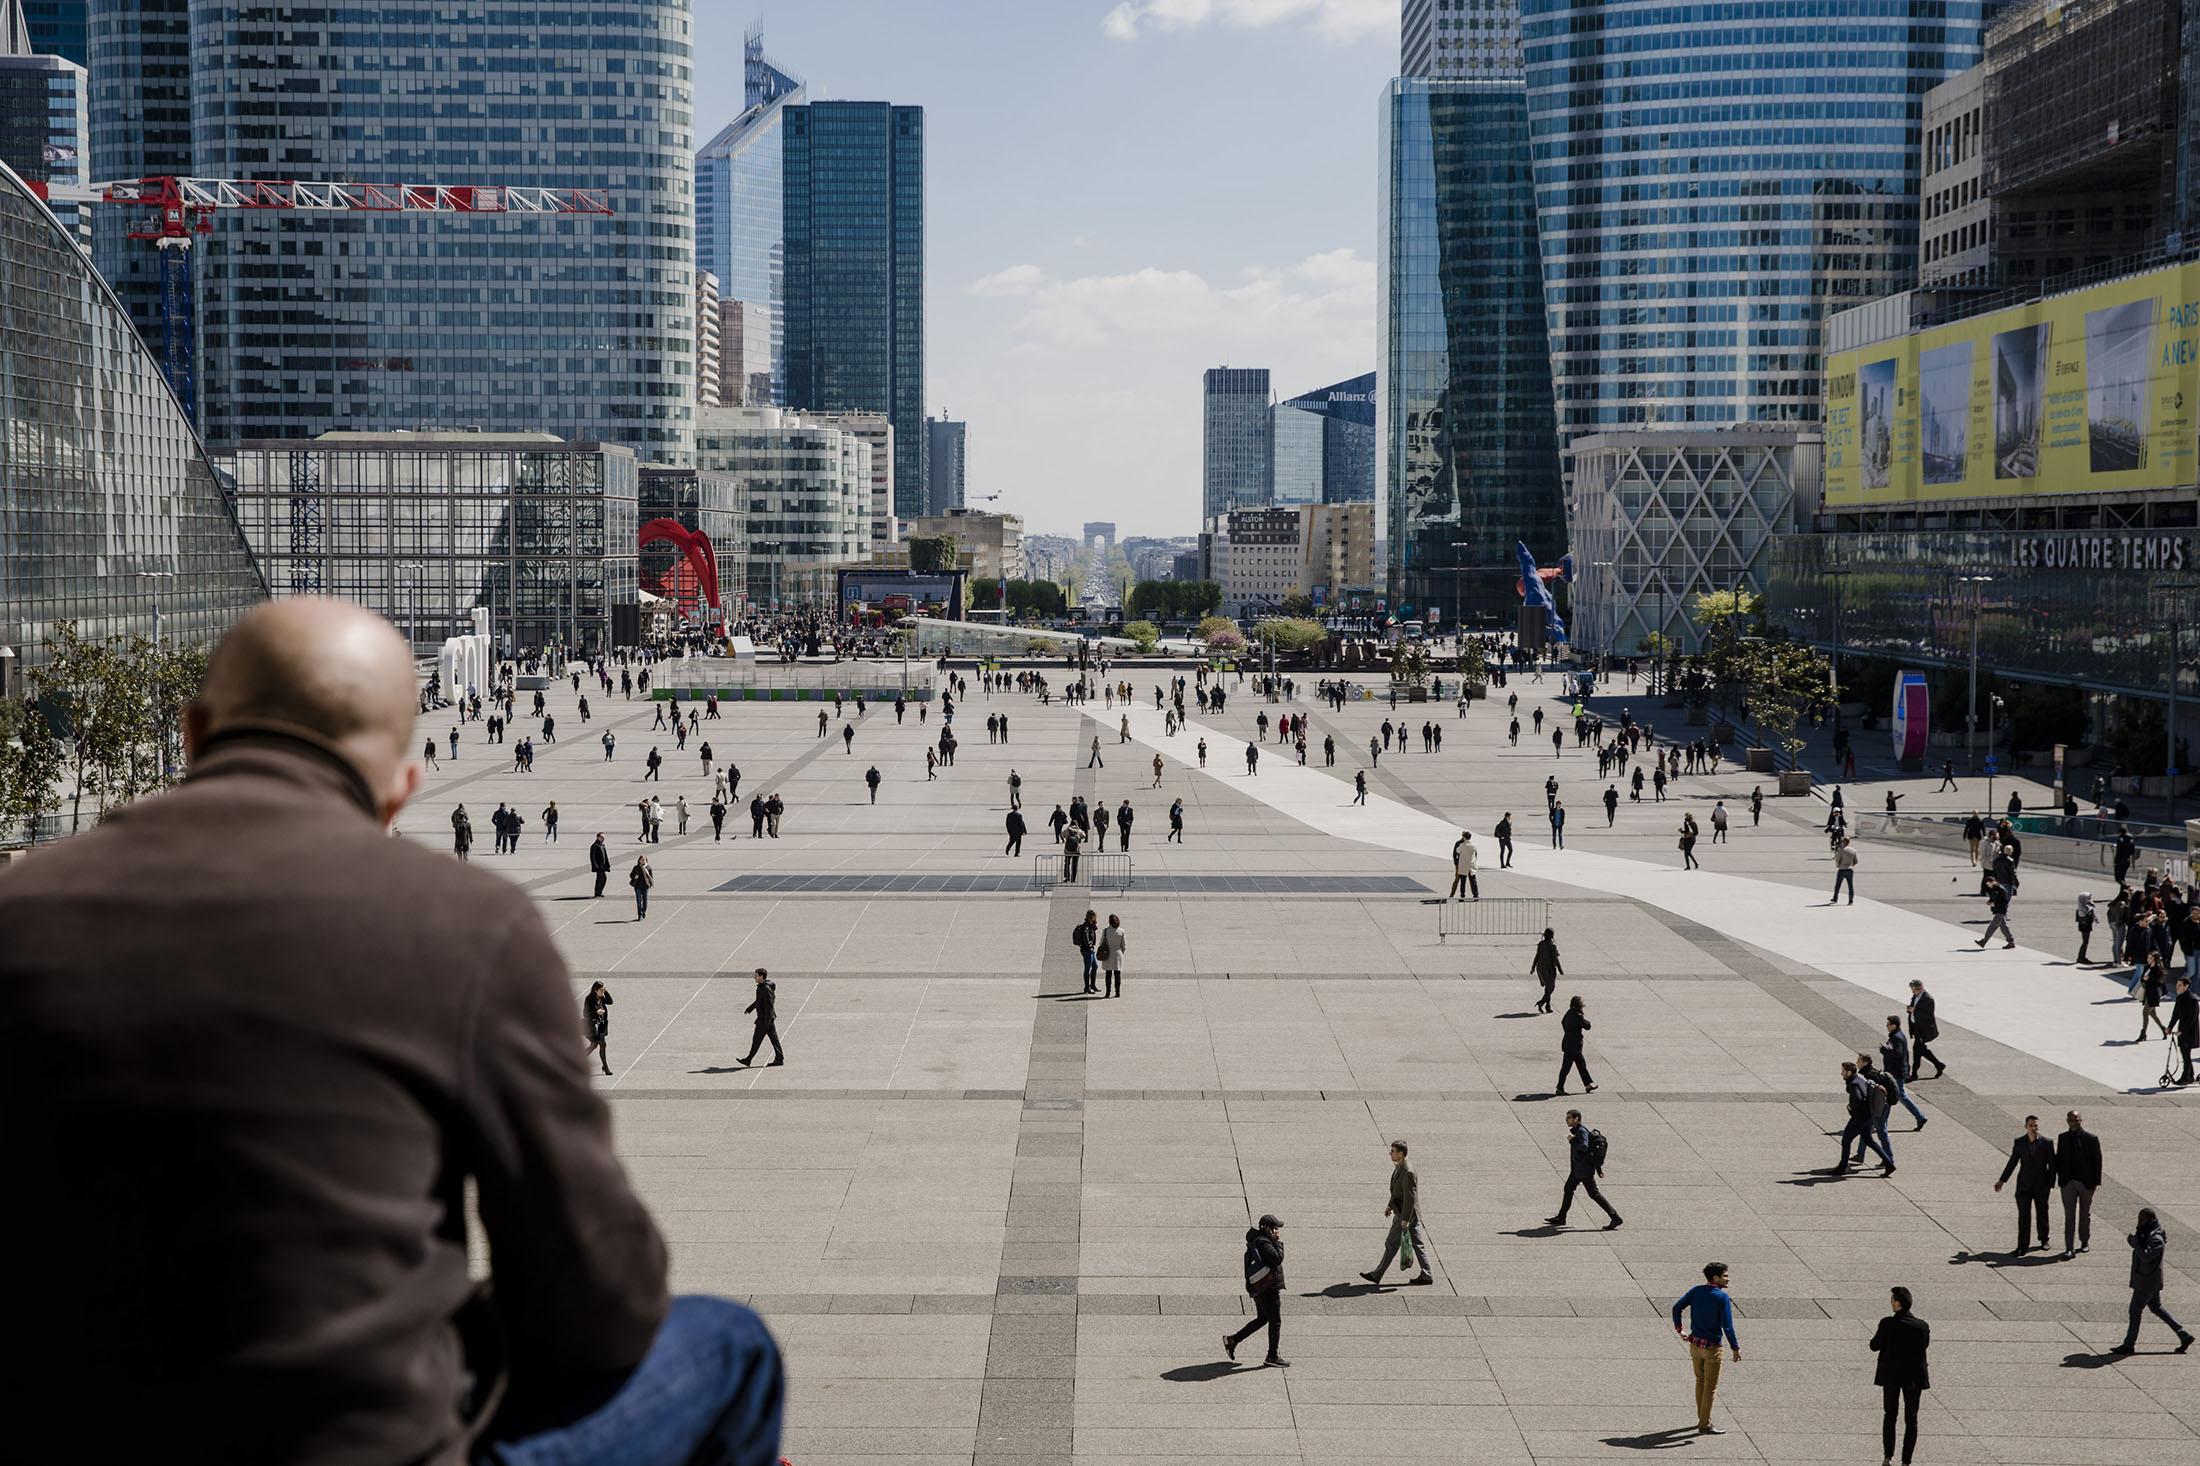 Francois De Beaupuy stories Bloomberg